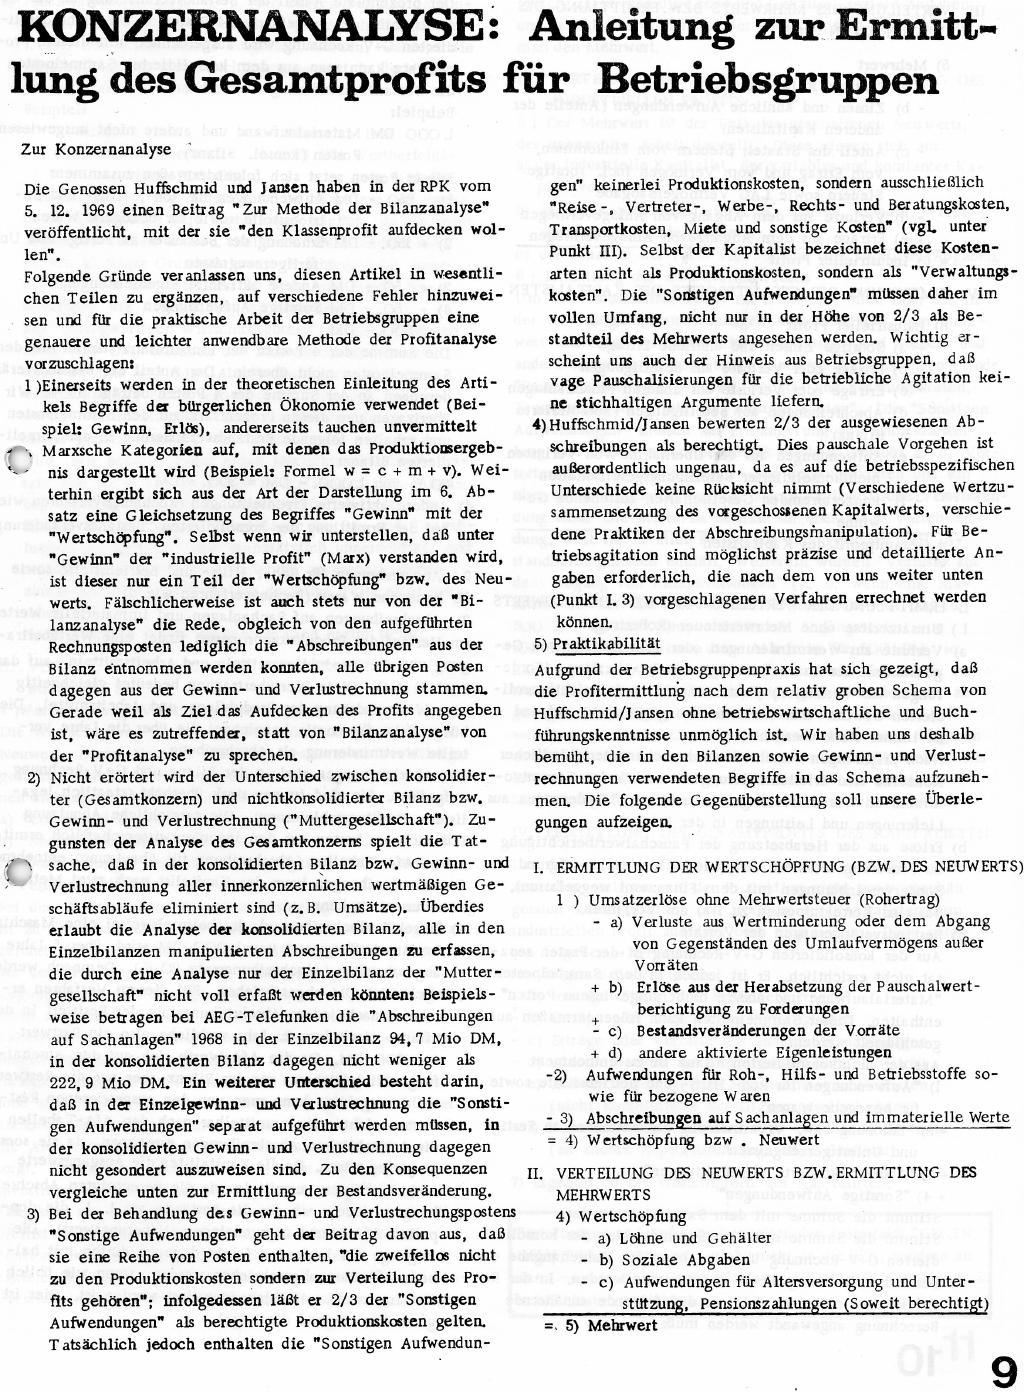 RPK_1970_051_09